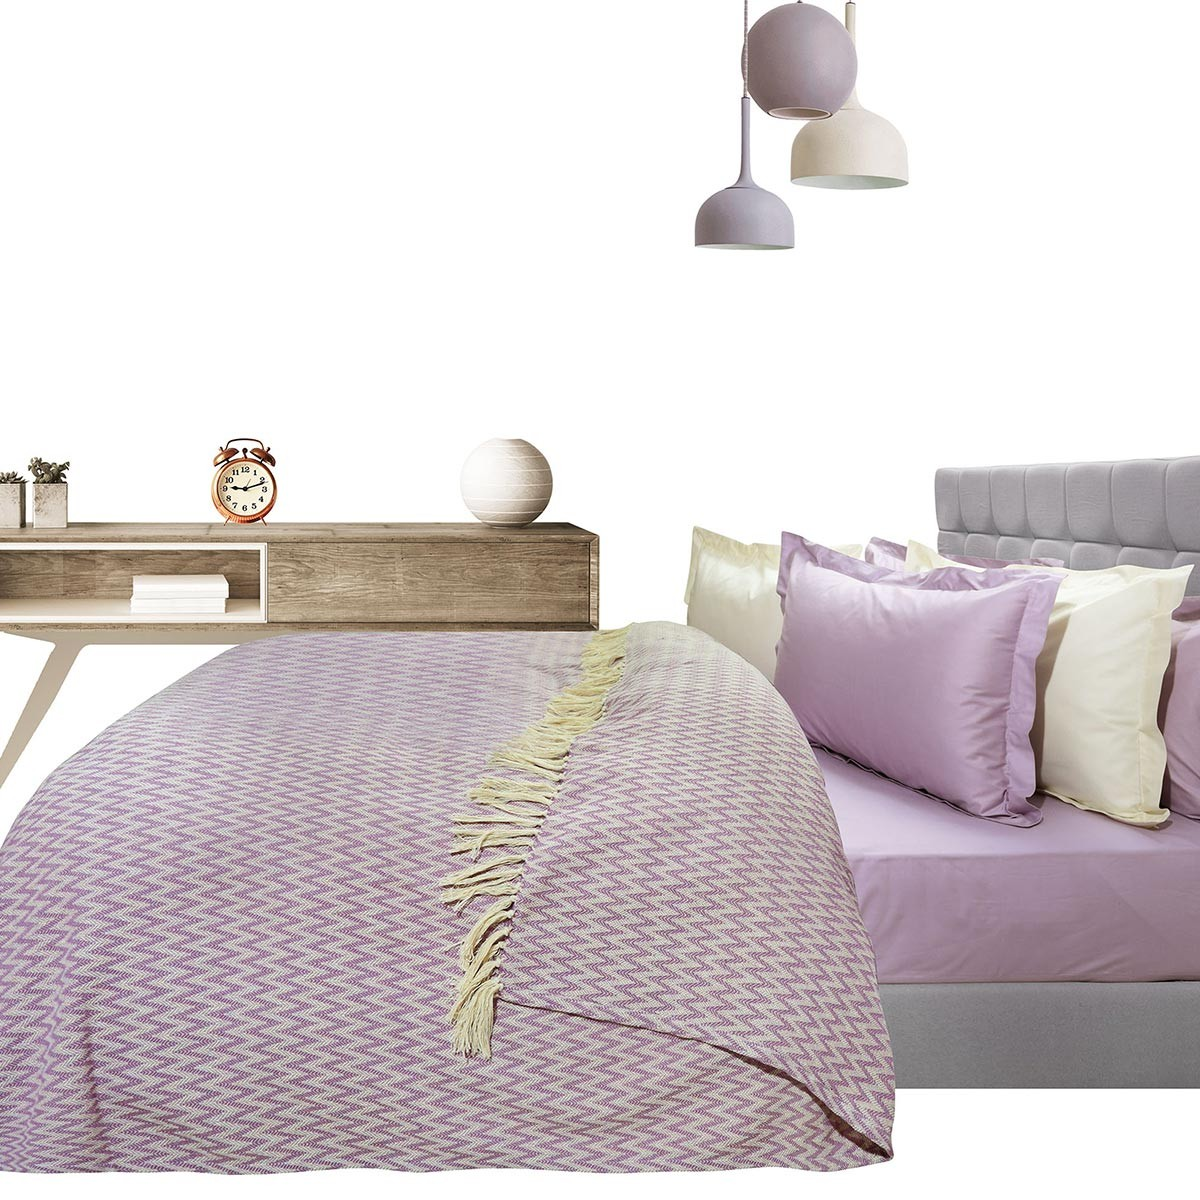 Κουβερτόριο Υπέρδιπλο Das Home Blanket Line Jacquard 379 home   κρεβατοκάμαρα   κουβέρτες   κουβέρτες καλοκαιρινές υπέρδιπλες